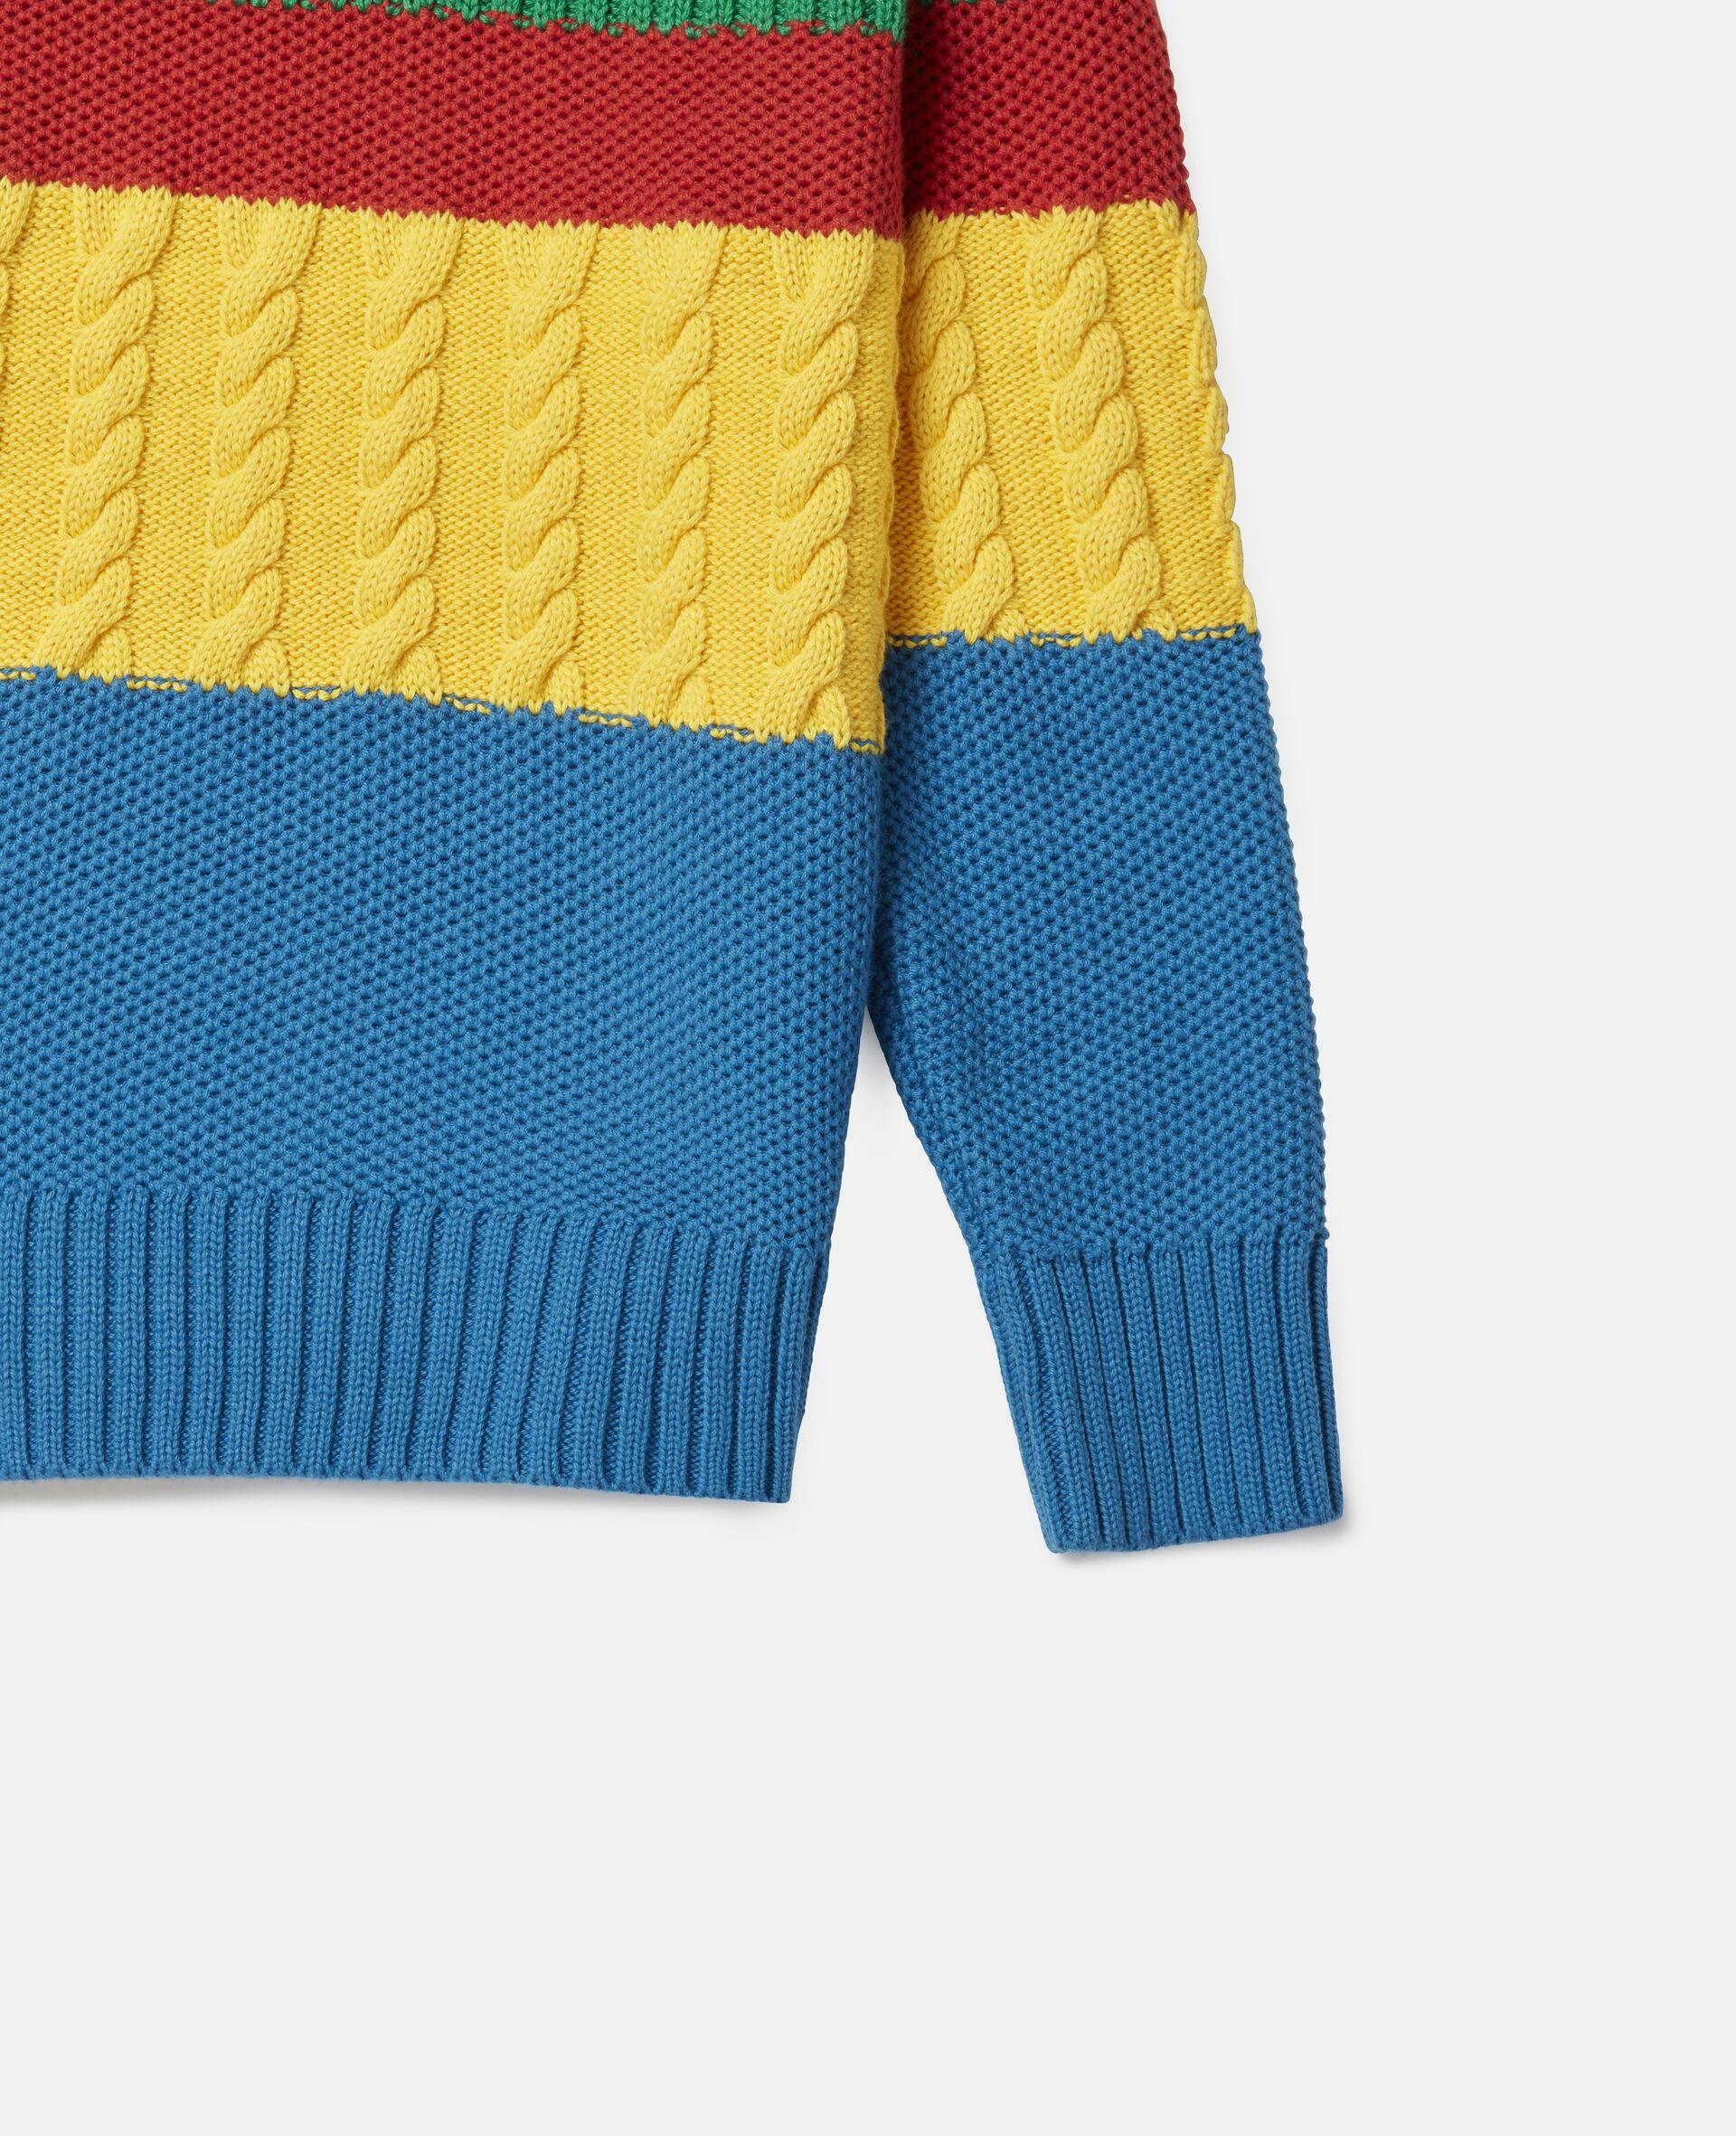 Übergroßer Strickpullover in Blockfarben-Design-Bunt-large image number 2